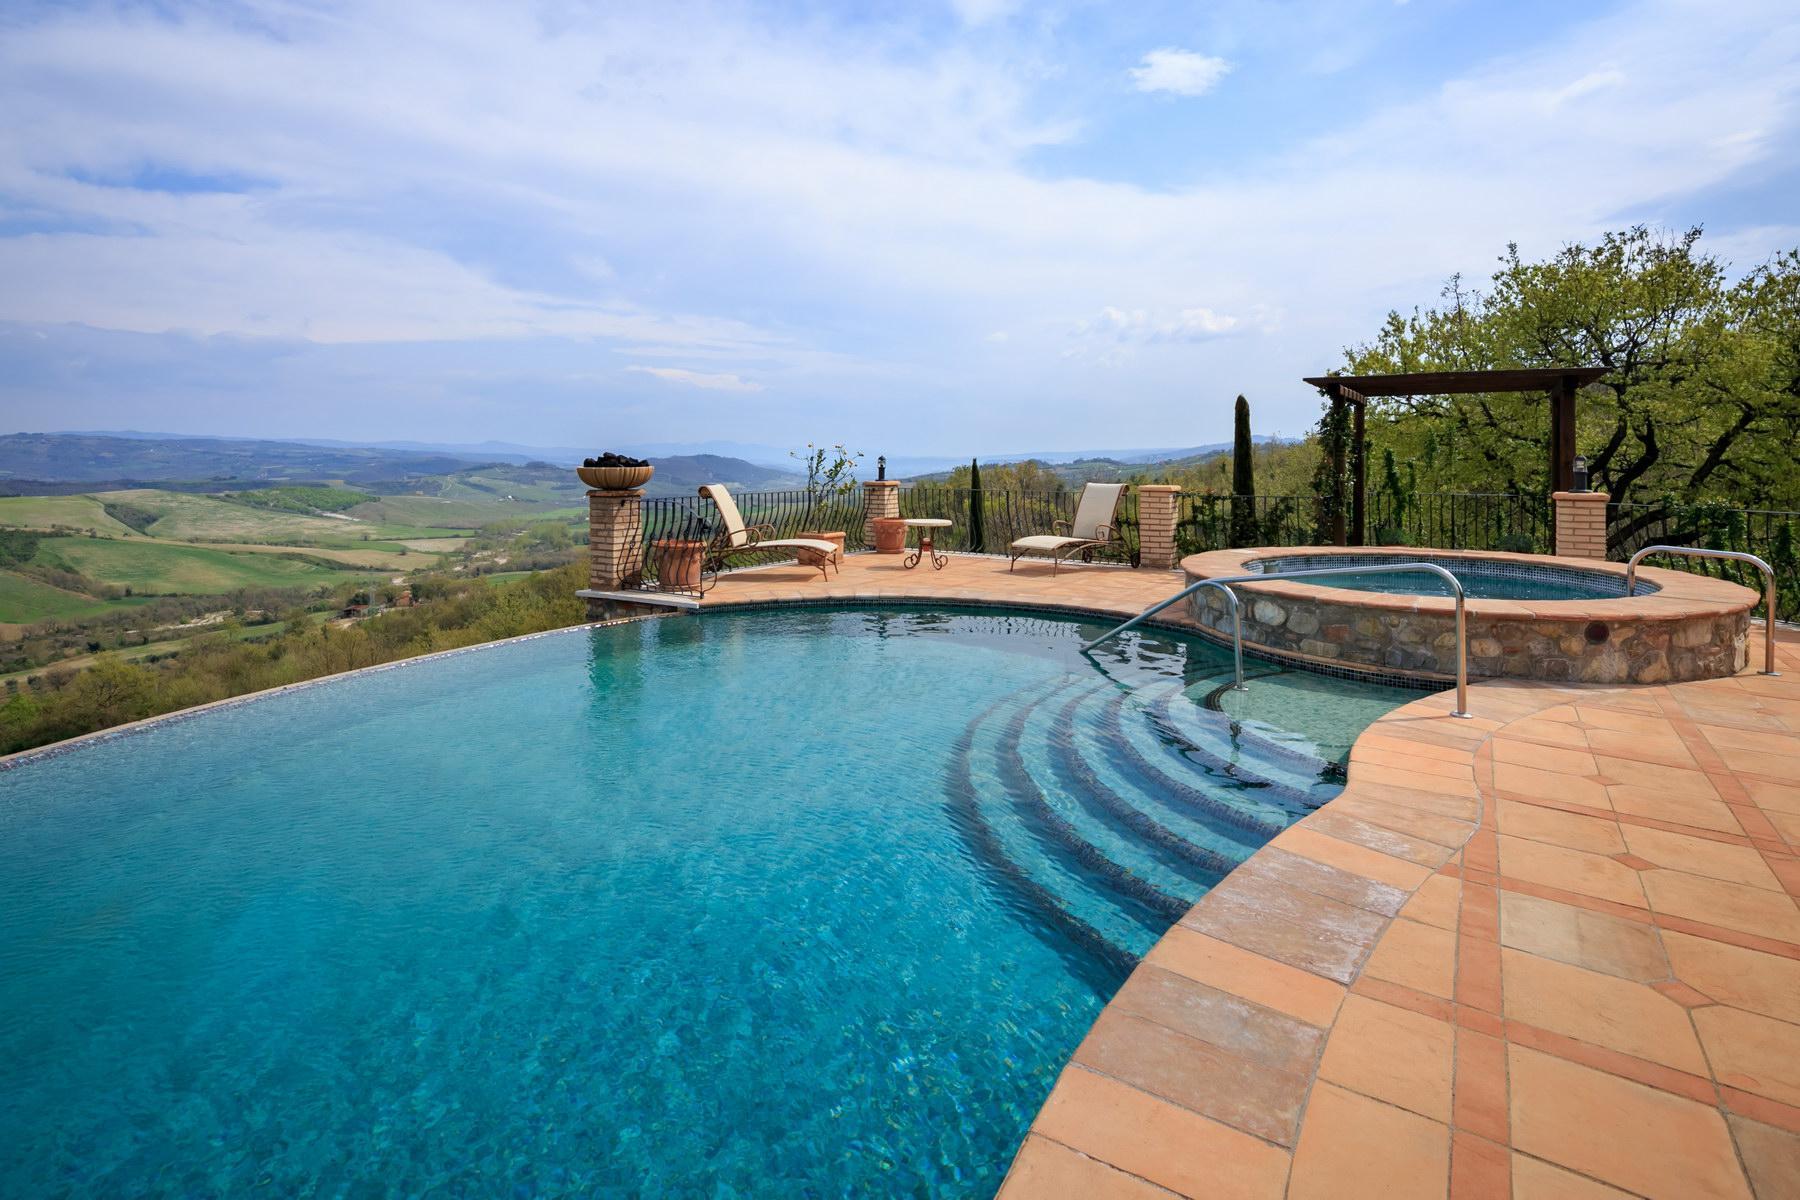 Восхитительная усадьба с бассейном и живописными видами холмов, Умбрия, Италия - 3